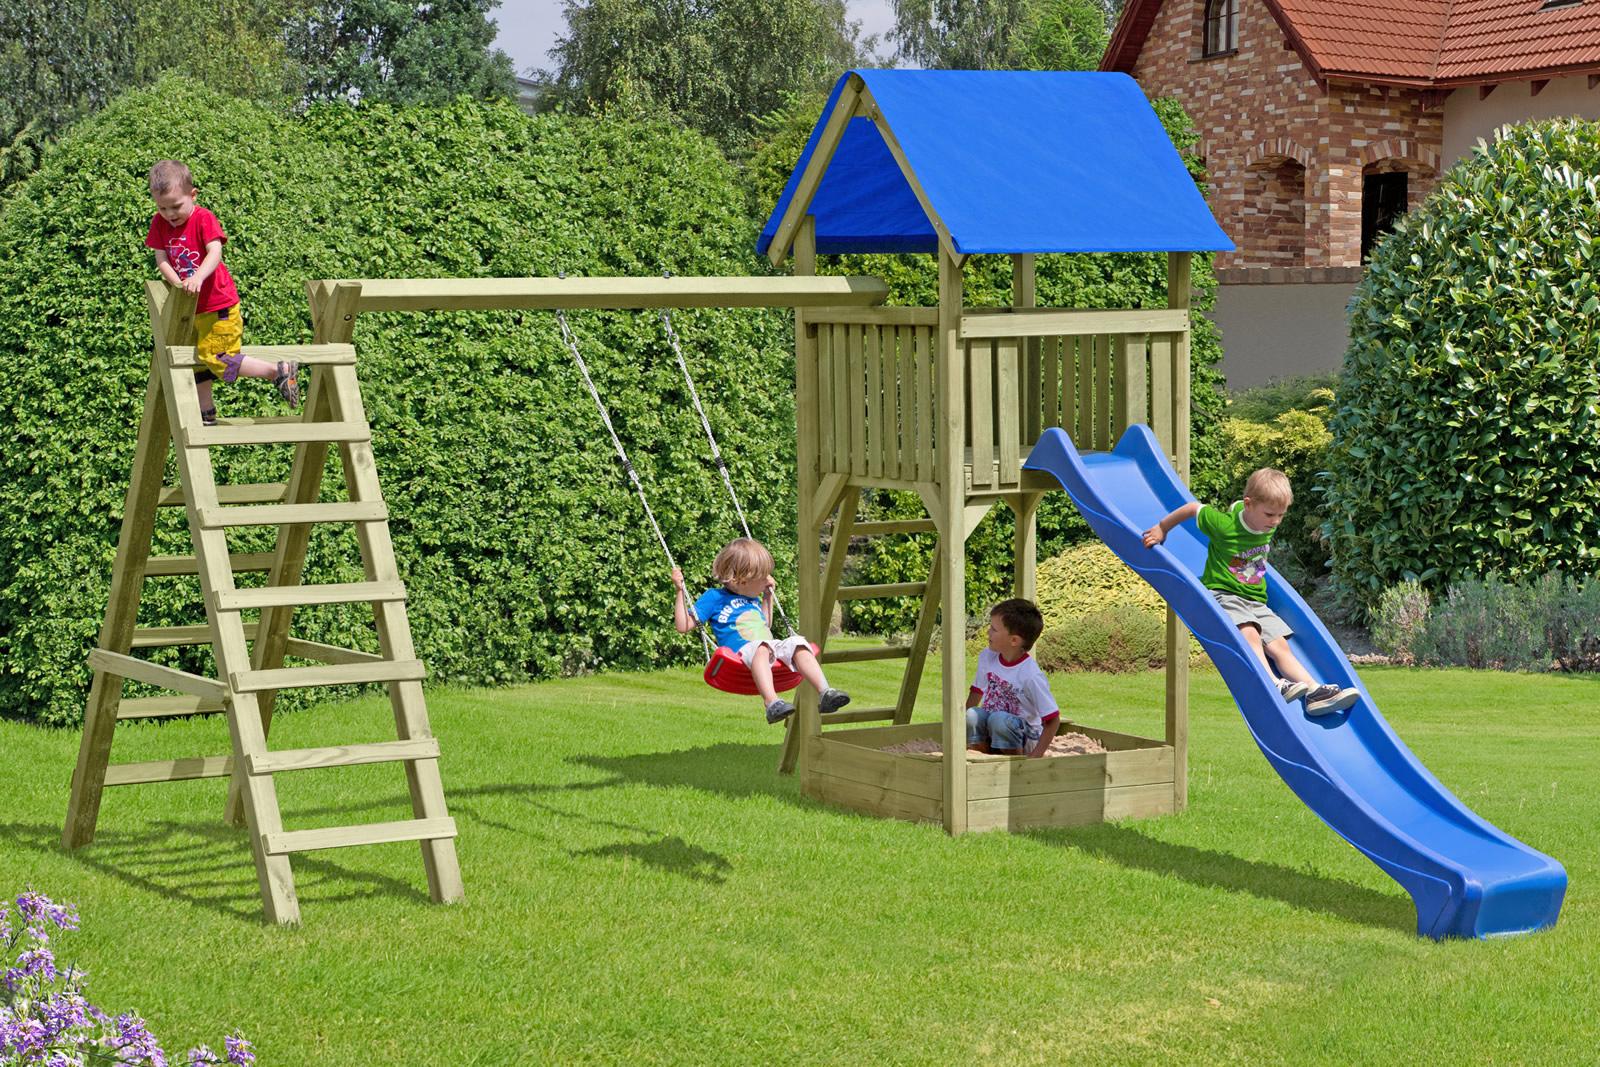 Klettergerüst Selbst Zusammenstellen : Klettergerüst selbst zusammenstellen gardenplaza ein kindertraum